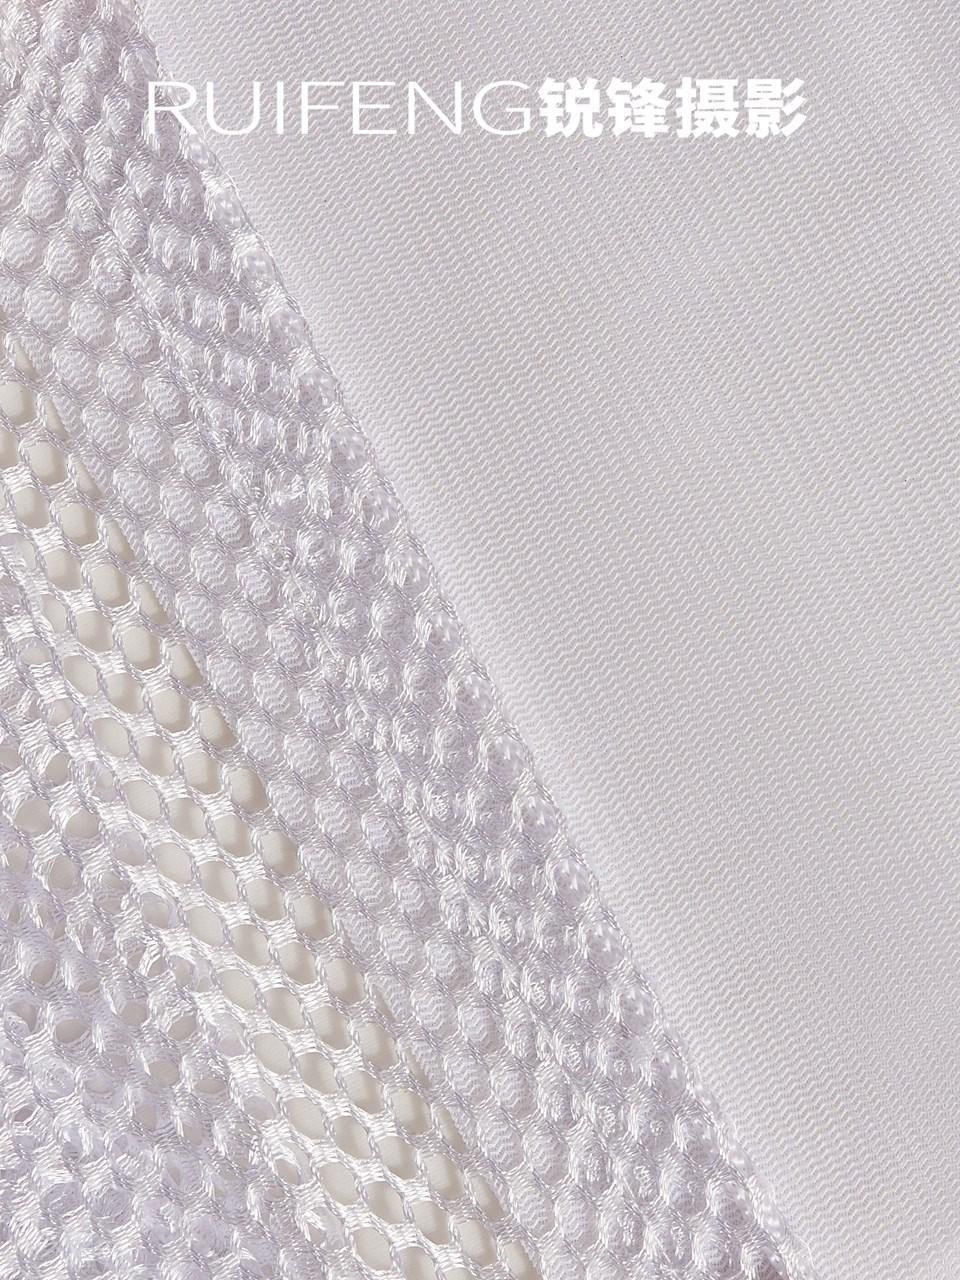 武汉产品摄影|洗衣袋拍摄|洗涤用品摄影|RUIFENG锐锋摄影工作室